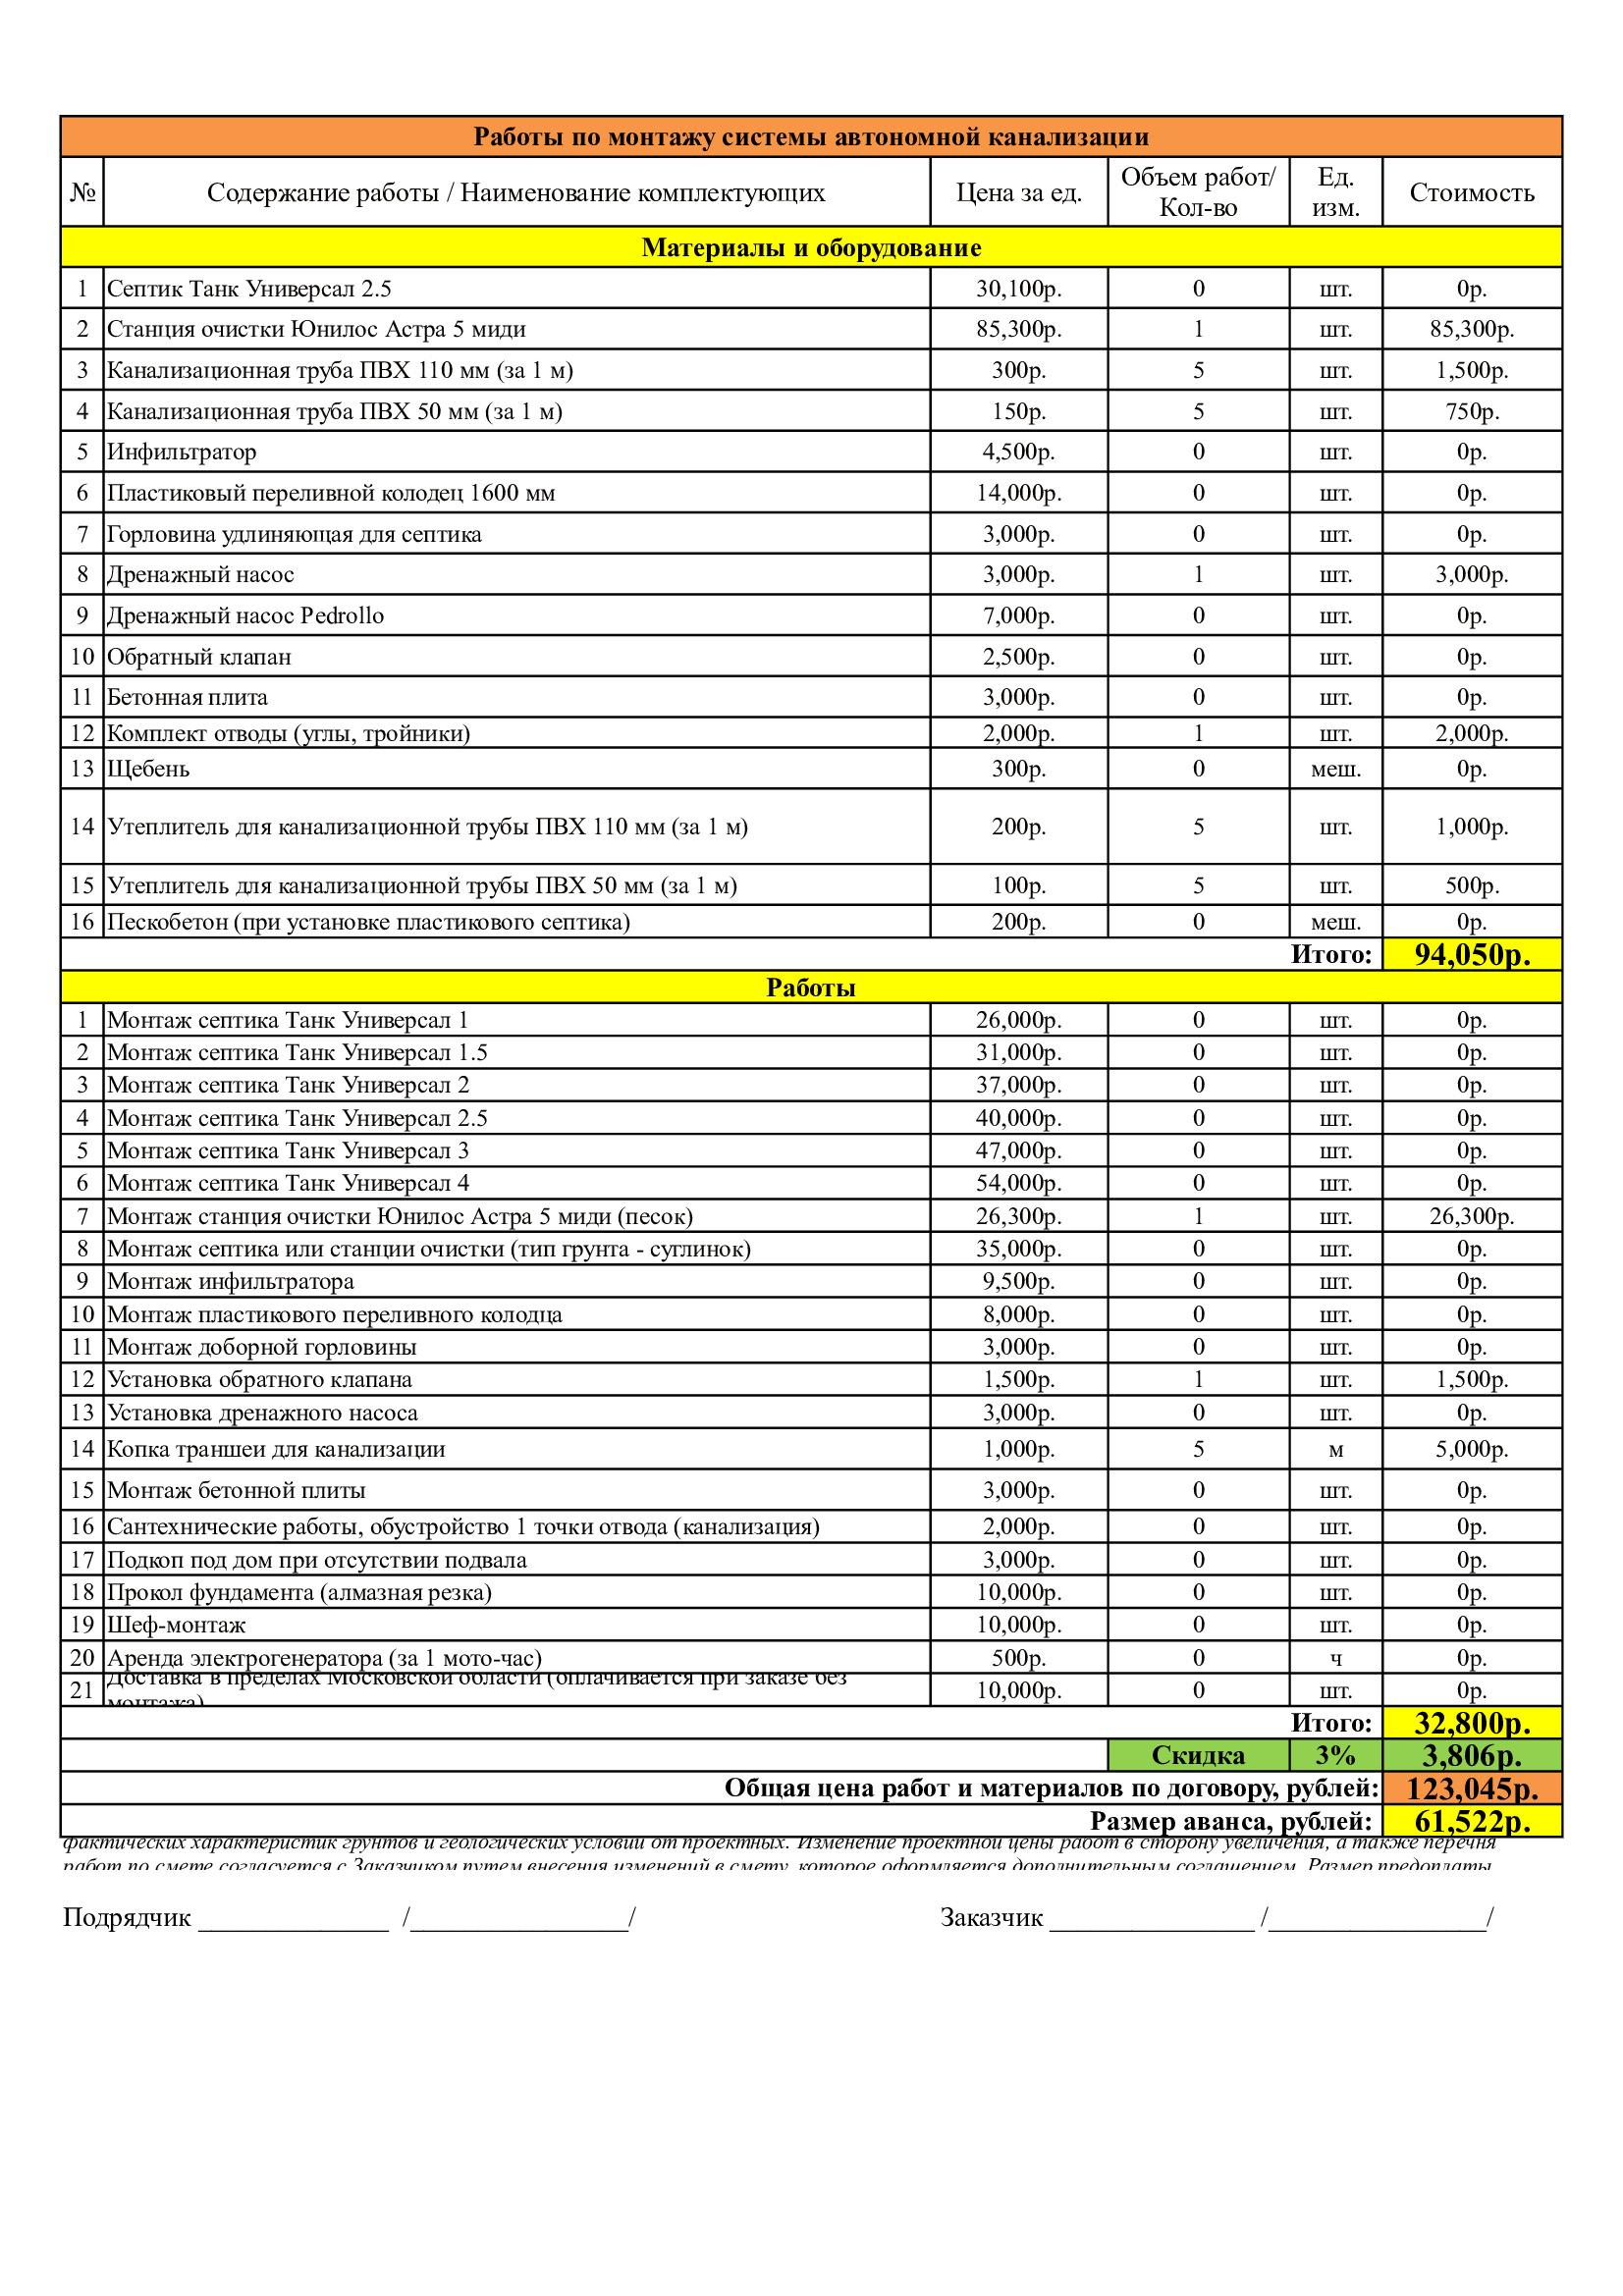 Как получить разрешение на подключение к водопроводу в течение месяца